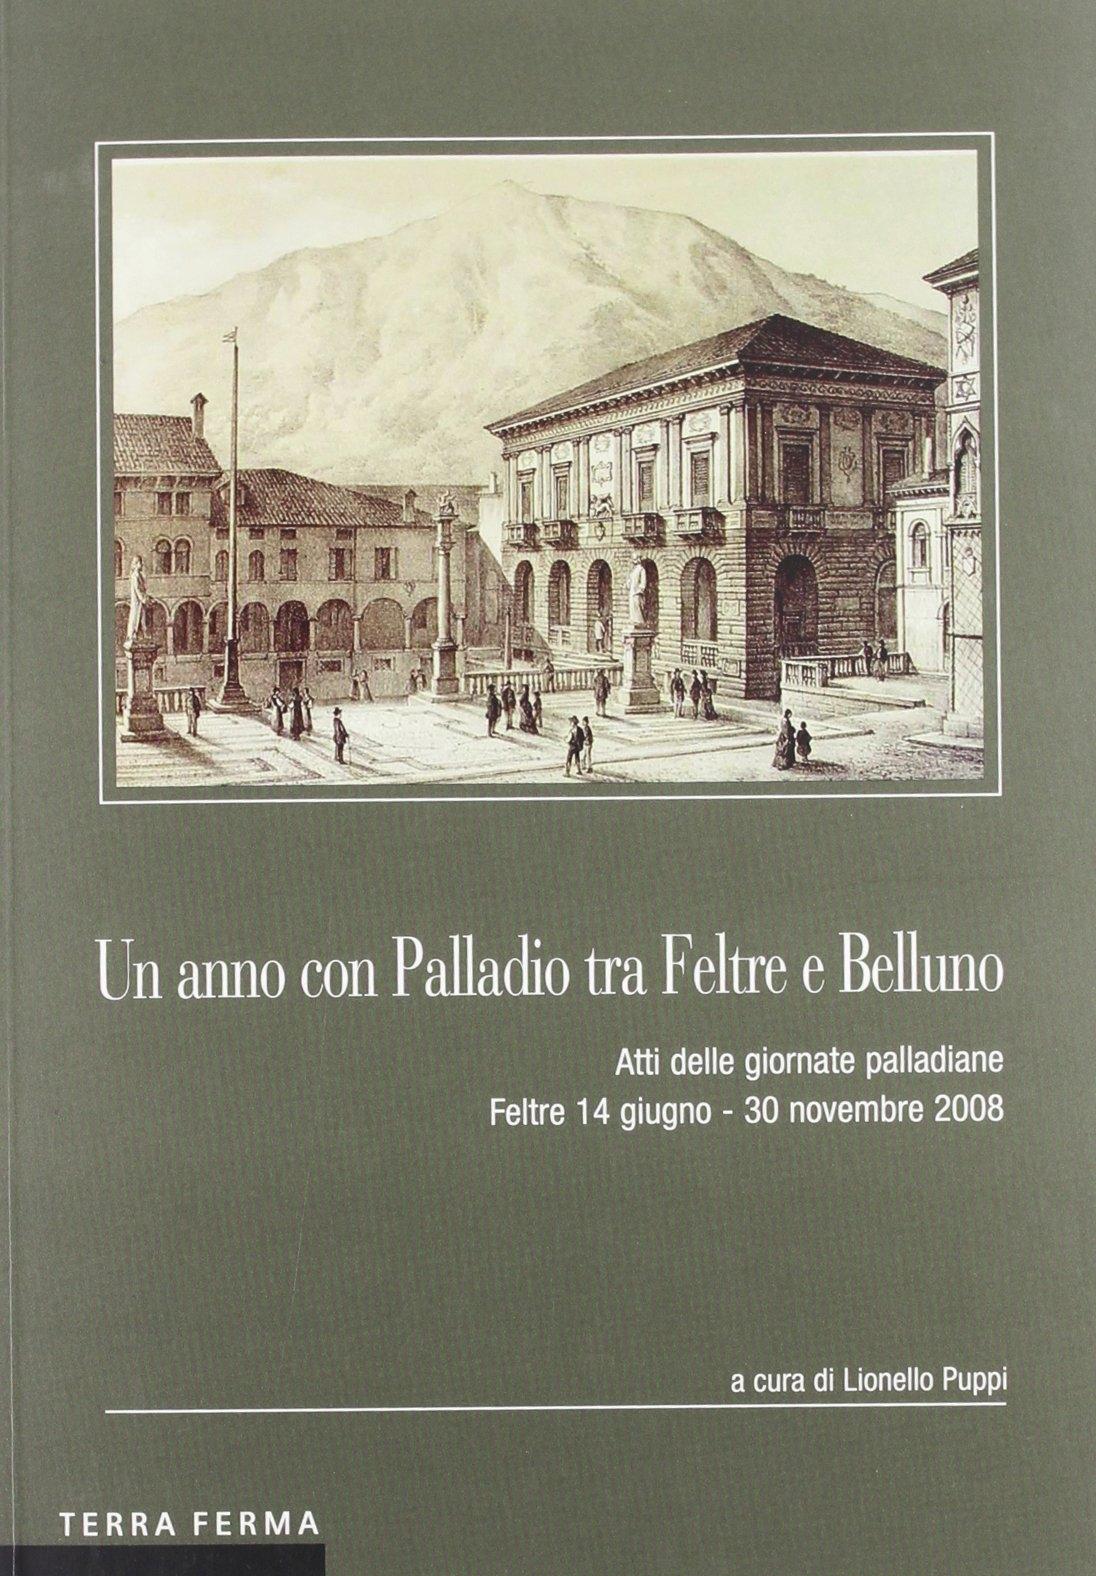 Un Anno con Palladio tra Feltre e Belluno